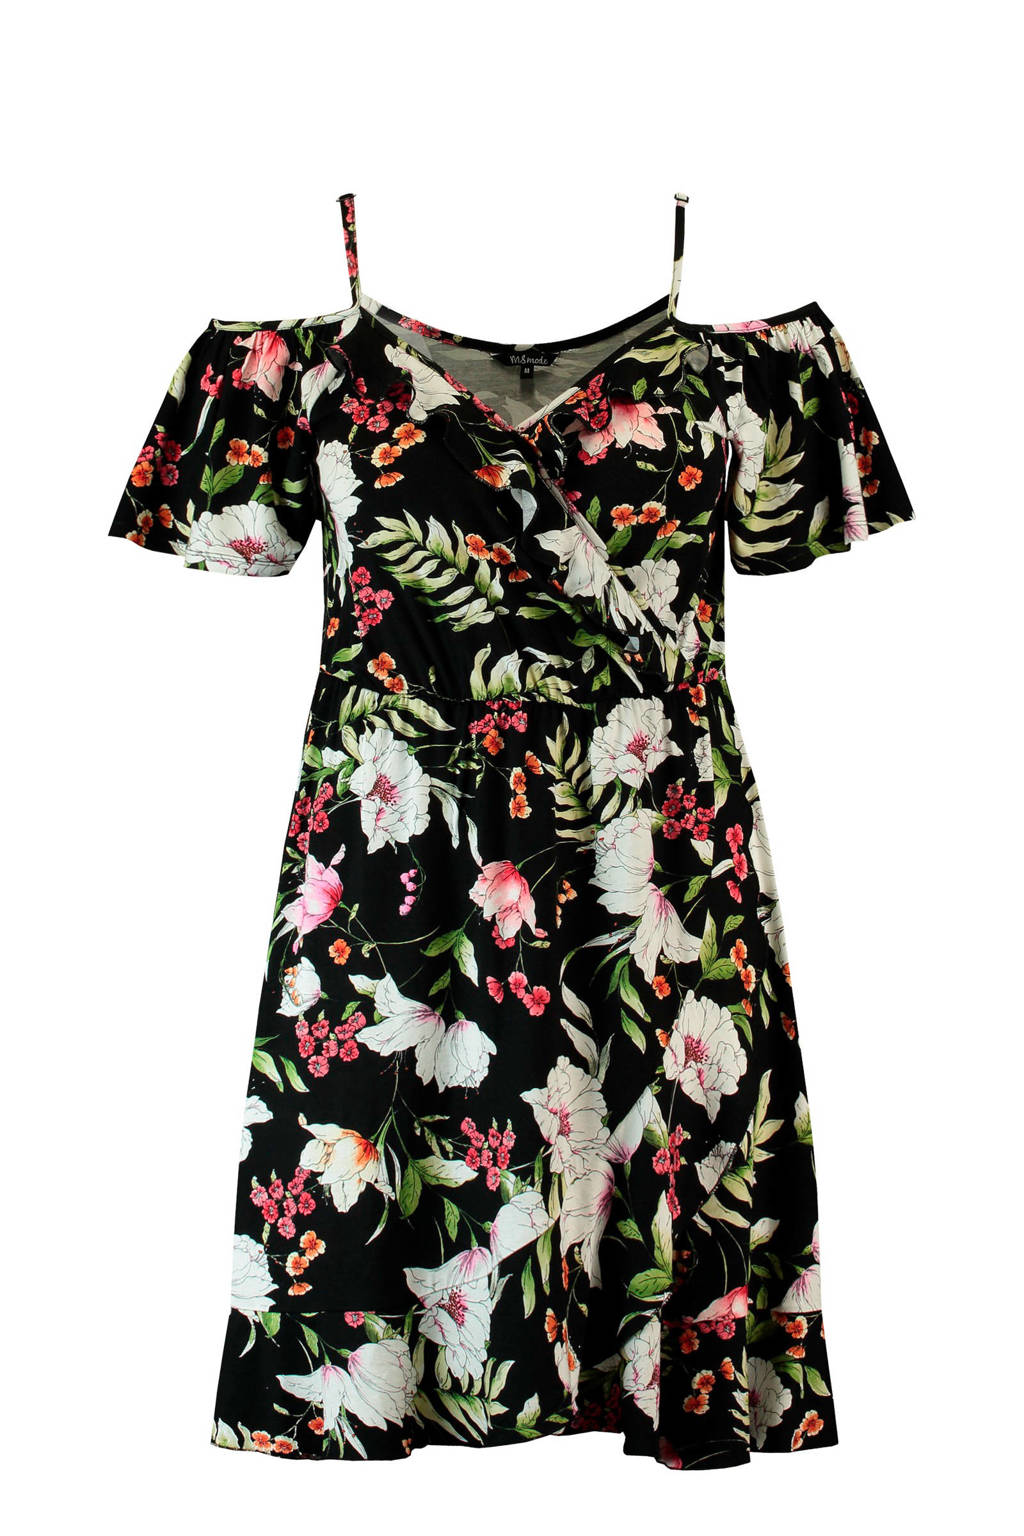 MS Mode jurk met openschouder en overslag kraag, Zwart/multi